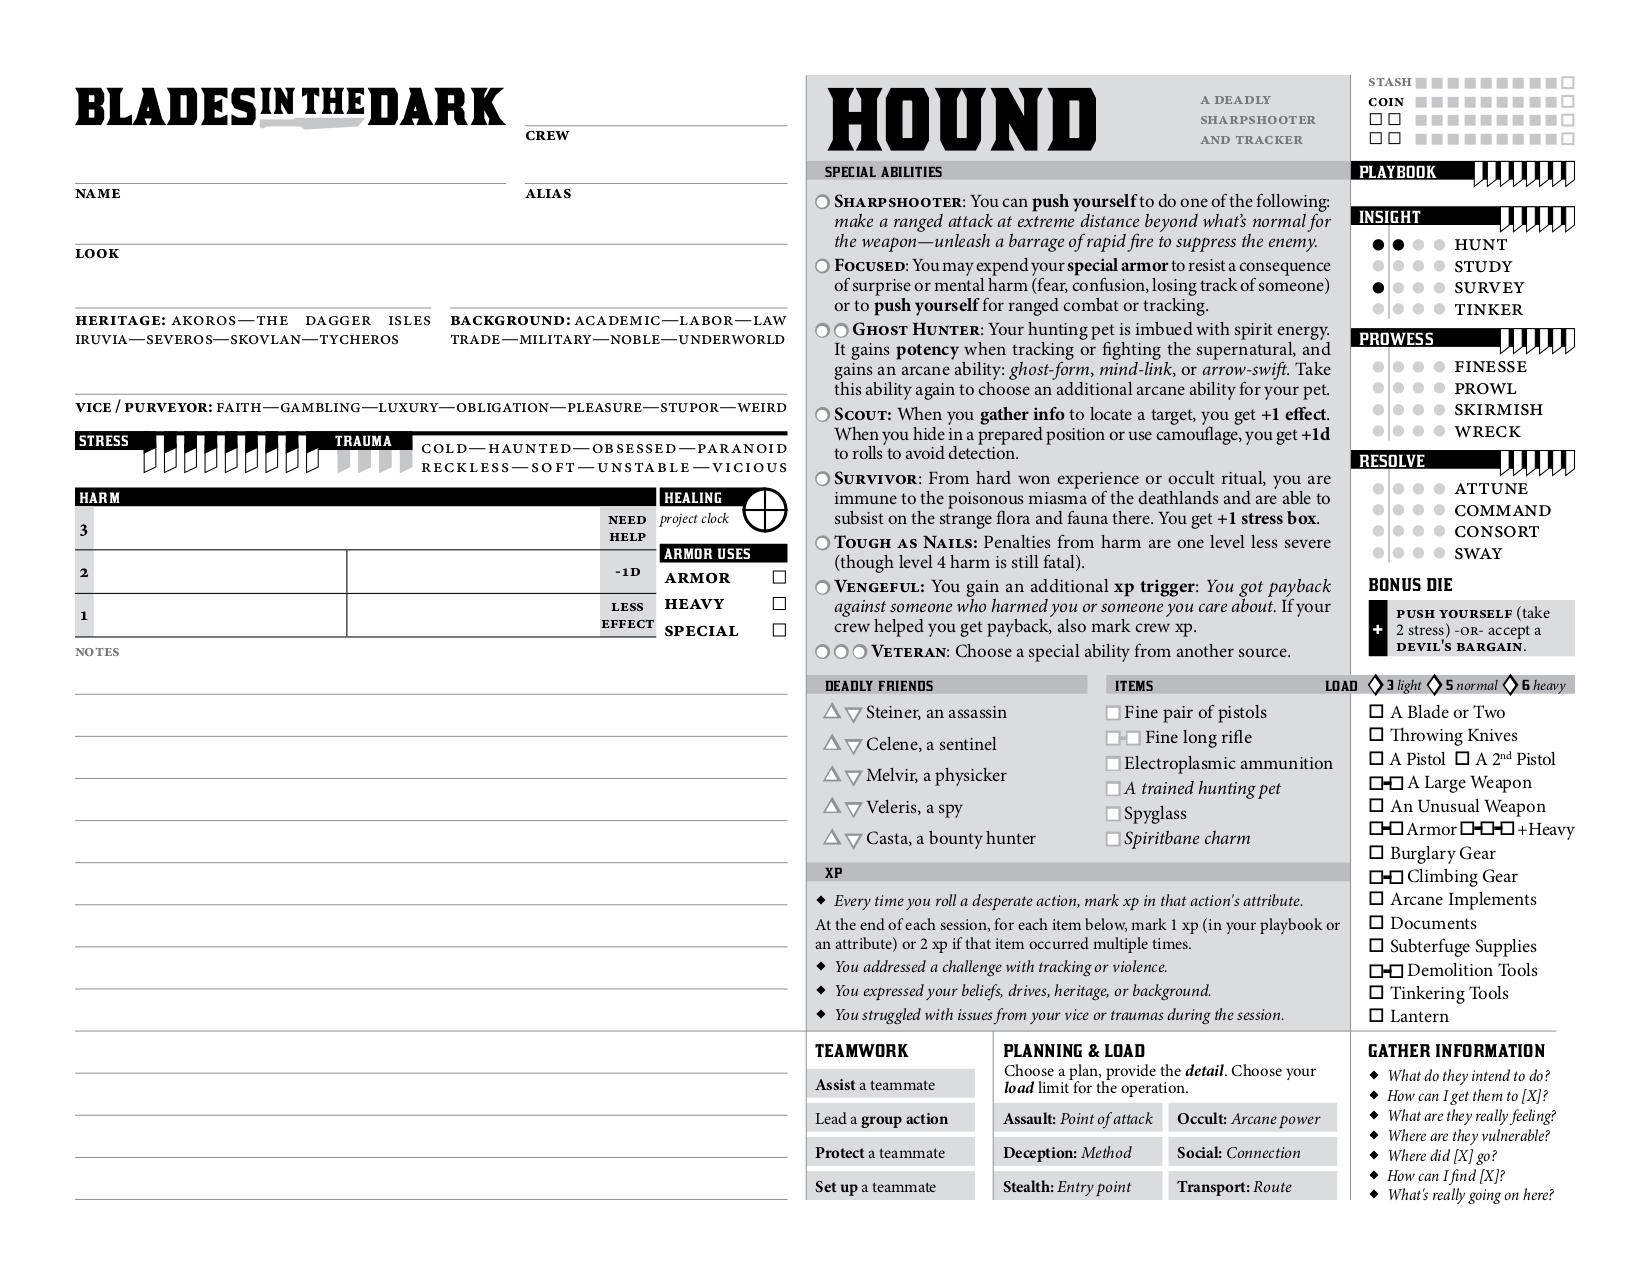 Playbook-Hound.jpg